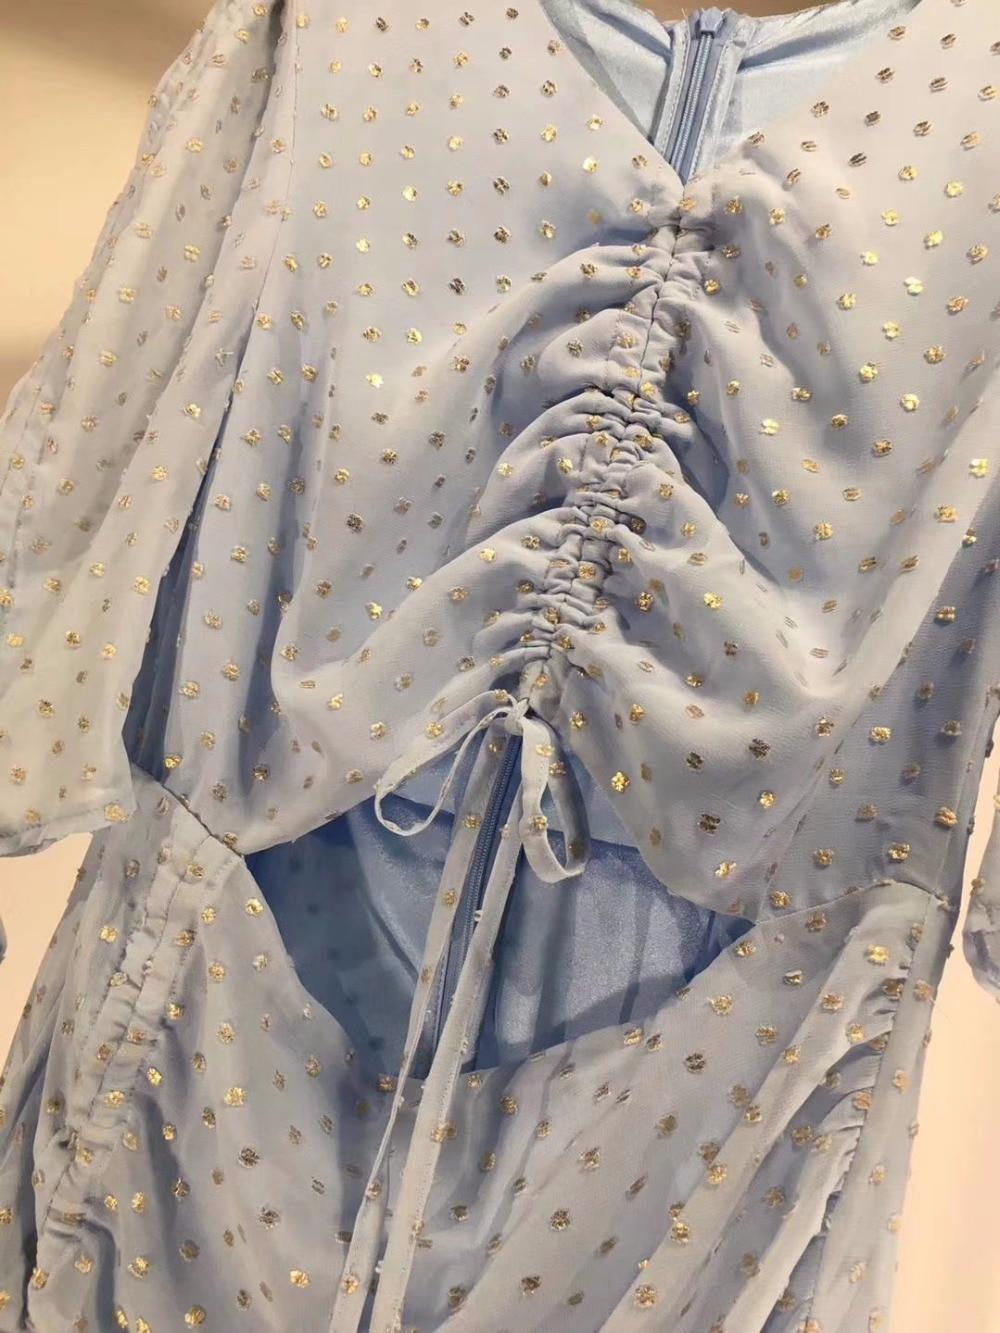 Robe Mode Mince 2018 Cordon De Femmes Festa Roupas Vacances Feminina Plage D'été Unique Élégante Casual nFq0CIq1